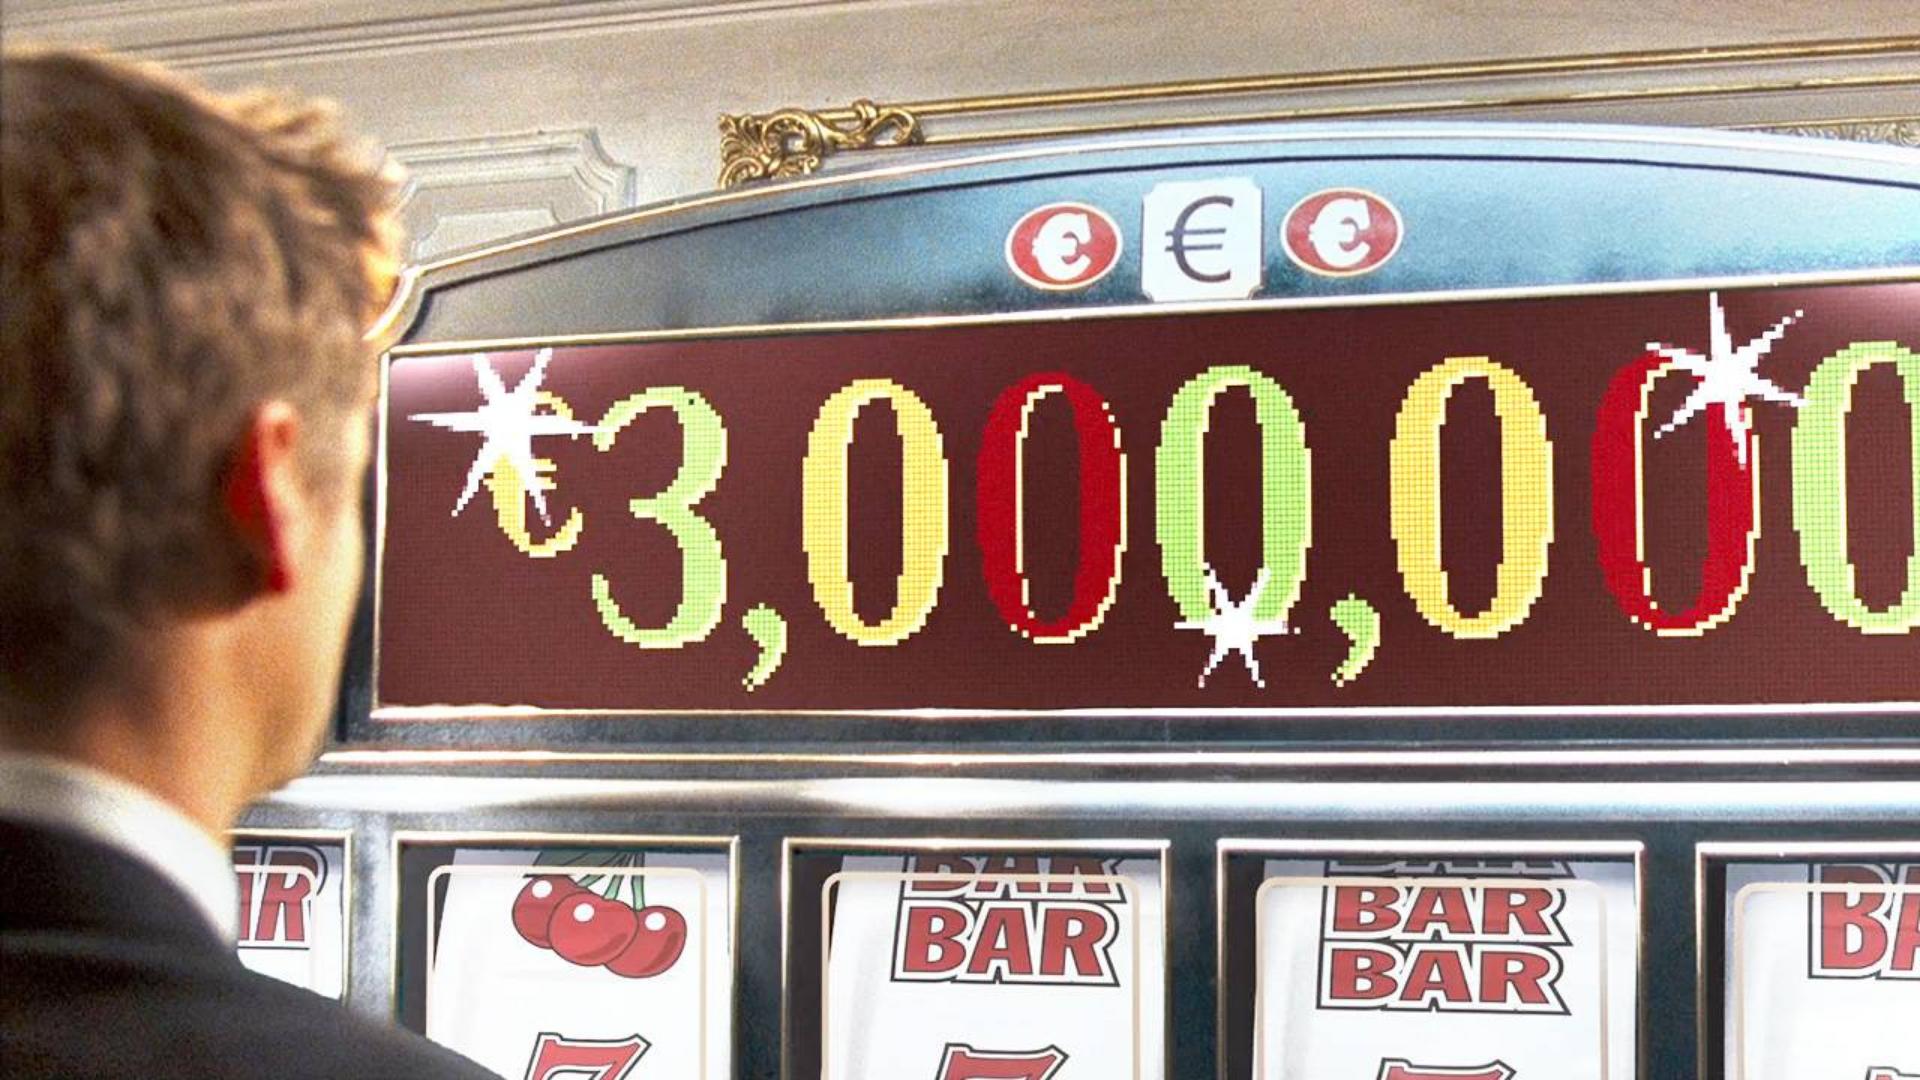 小伙收到一部神奇手机,可以预知未来,一下就在赌场赢了300万欧元!速看科幻电影《夺命手机》